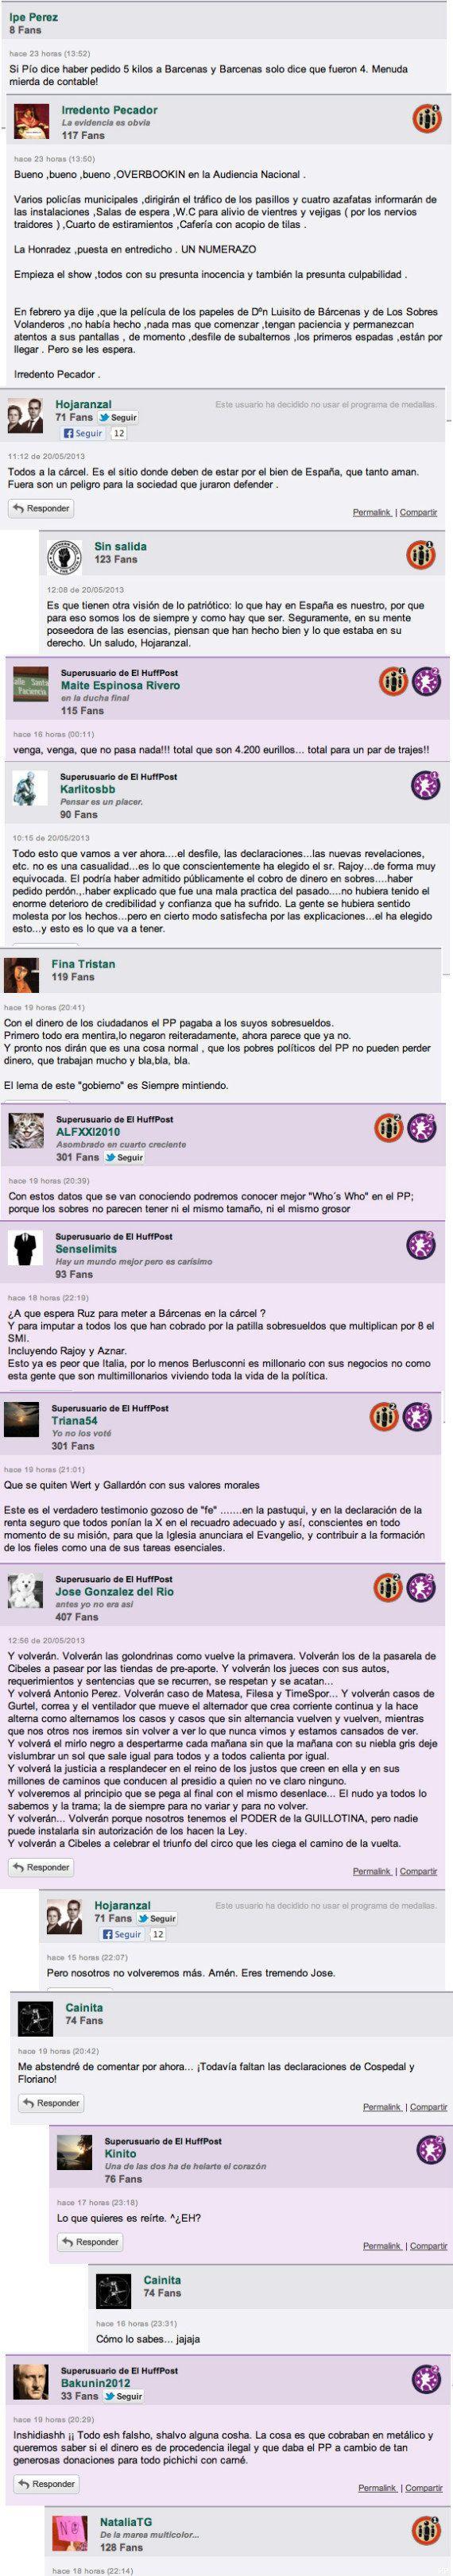 La Comunidad de ElHuffPost opina: los comentarios de la semana del 18 al 23 de